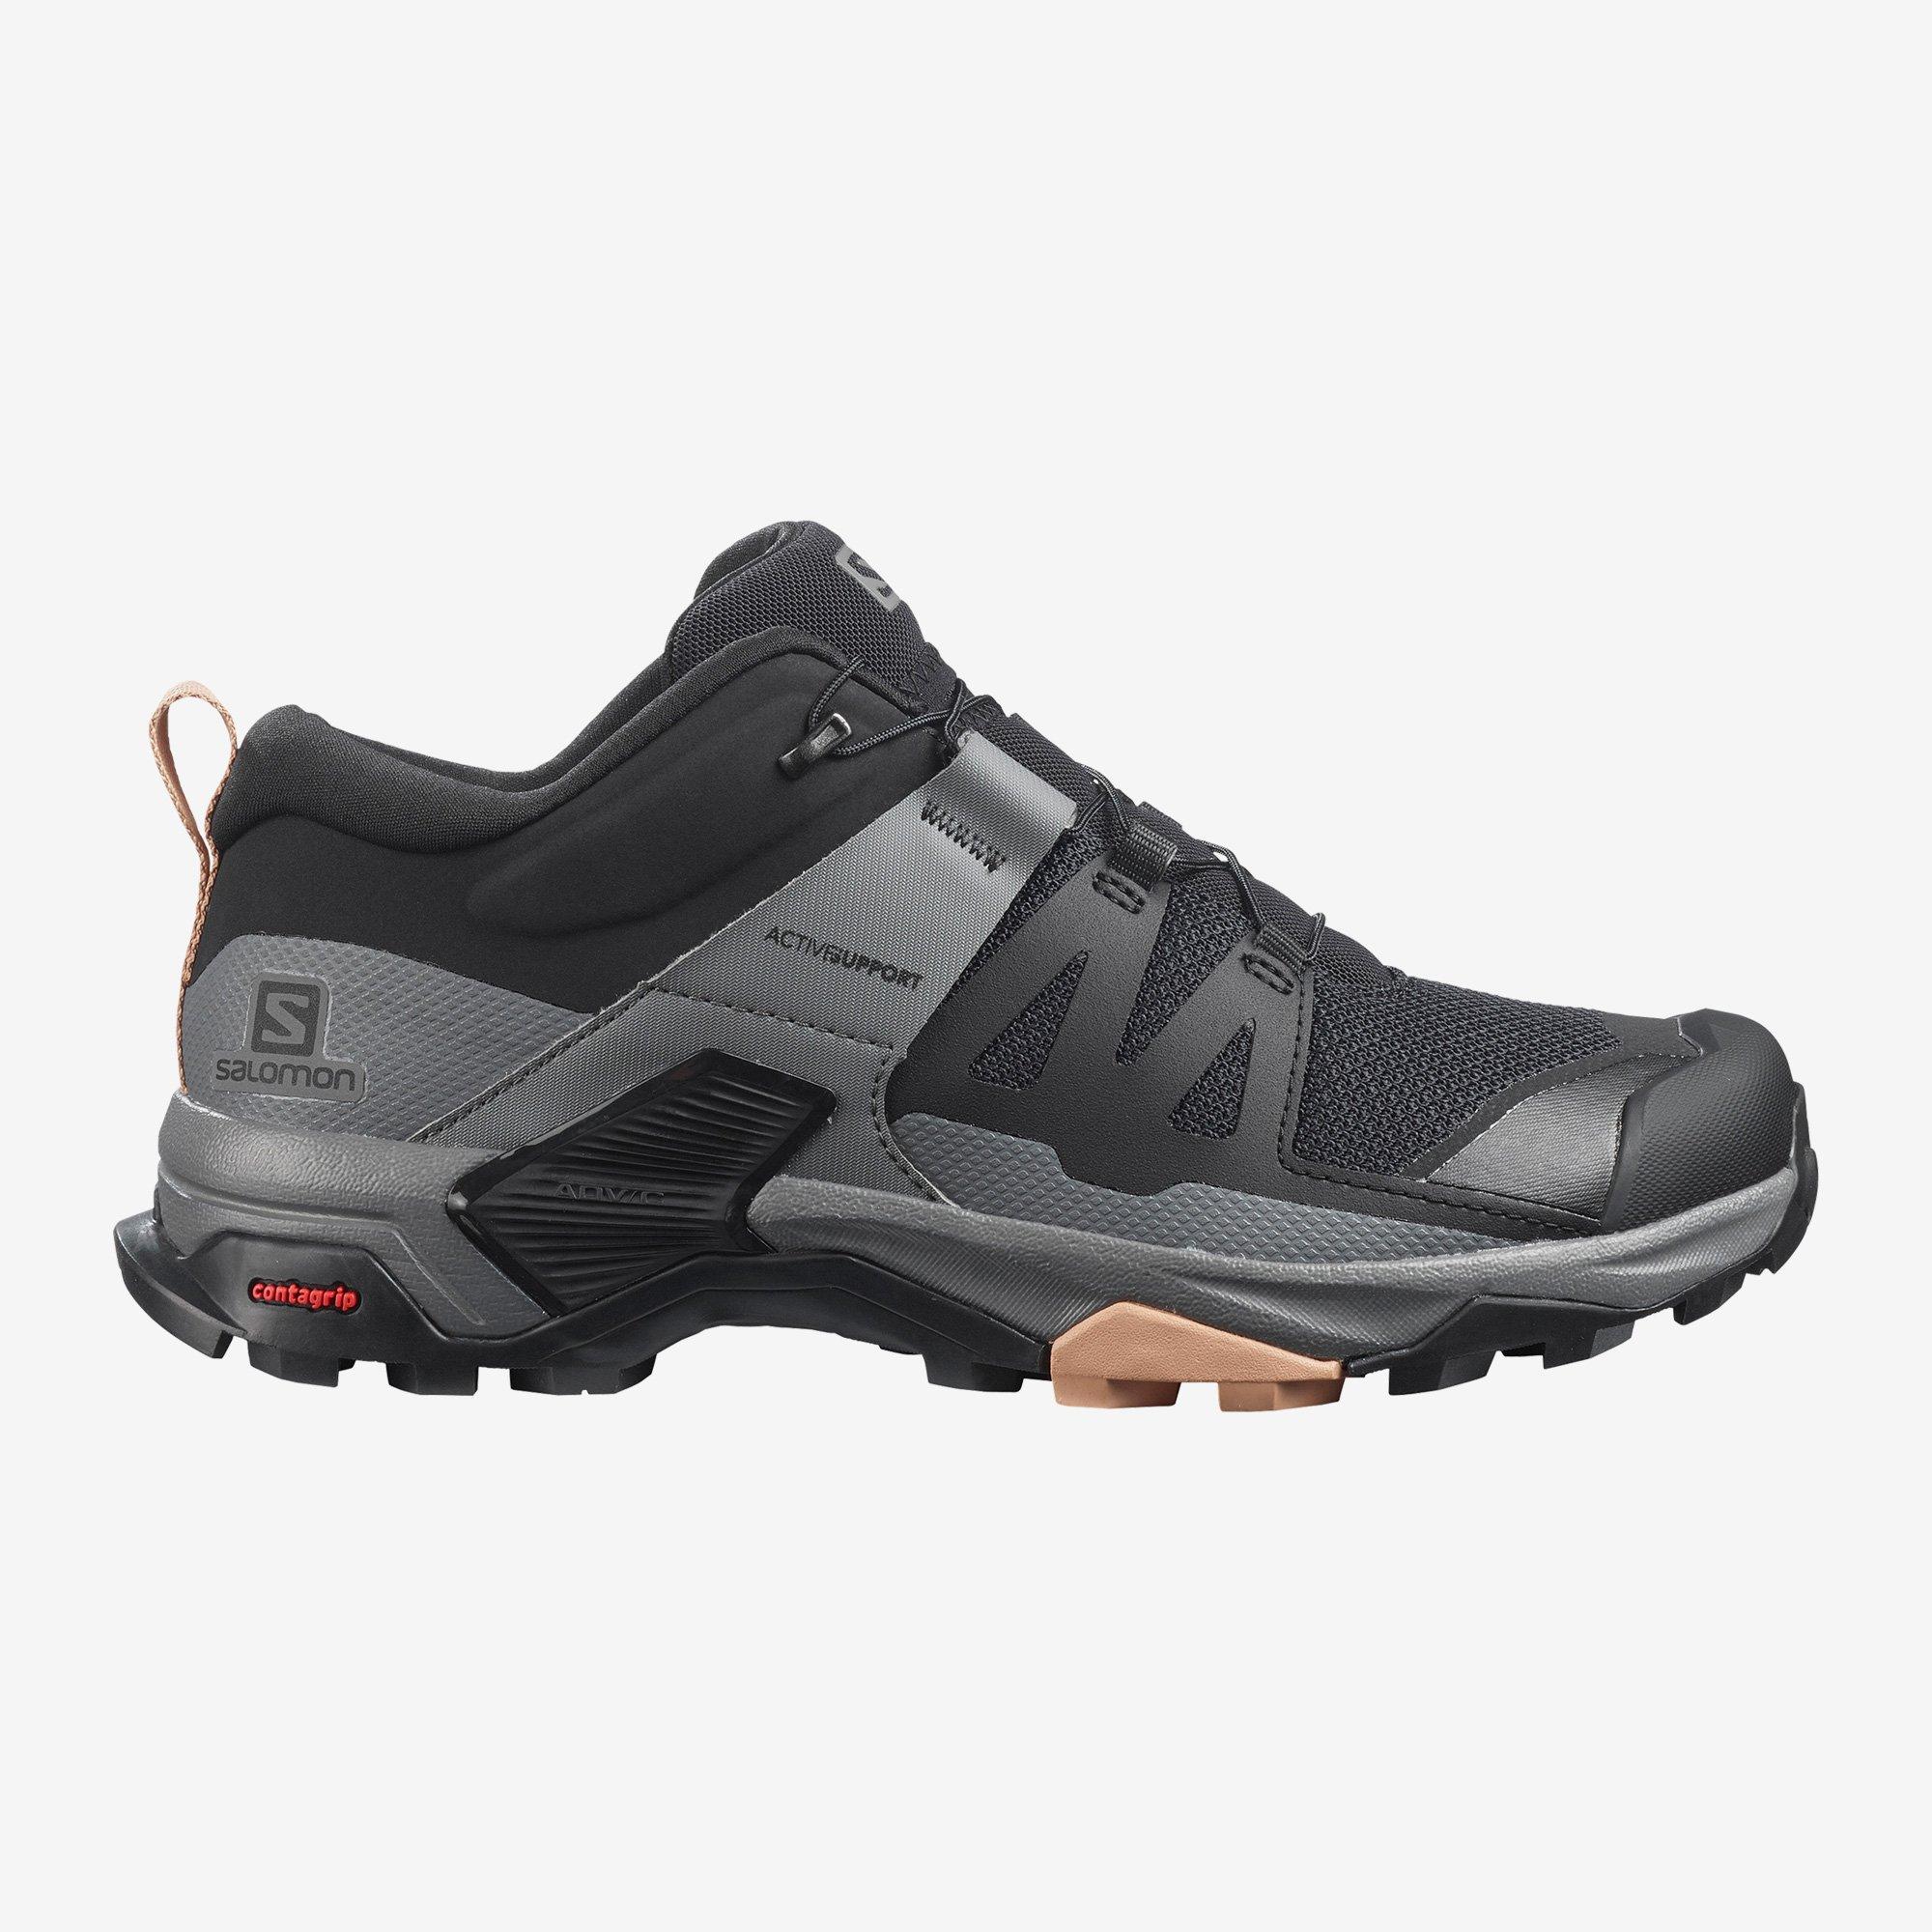 X Ultra 4 Shoe Black - Women's